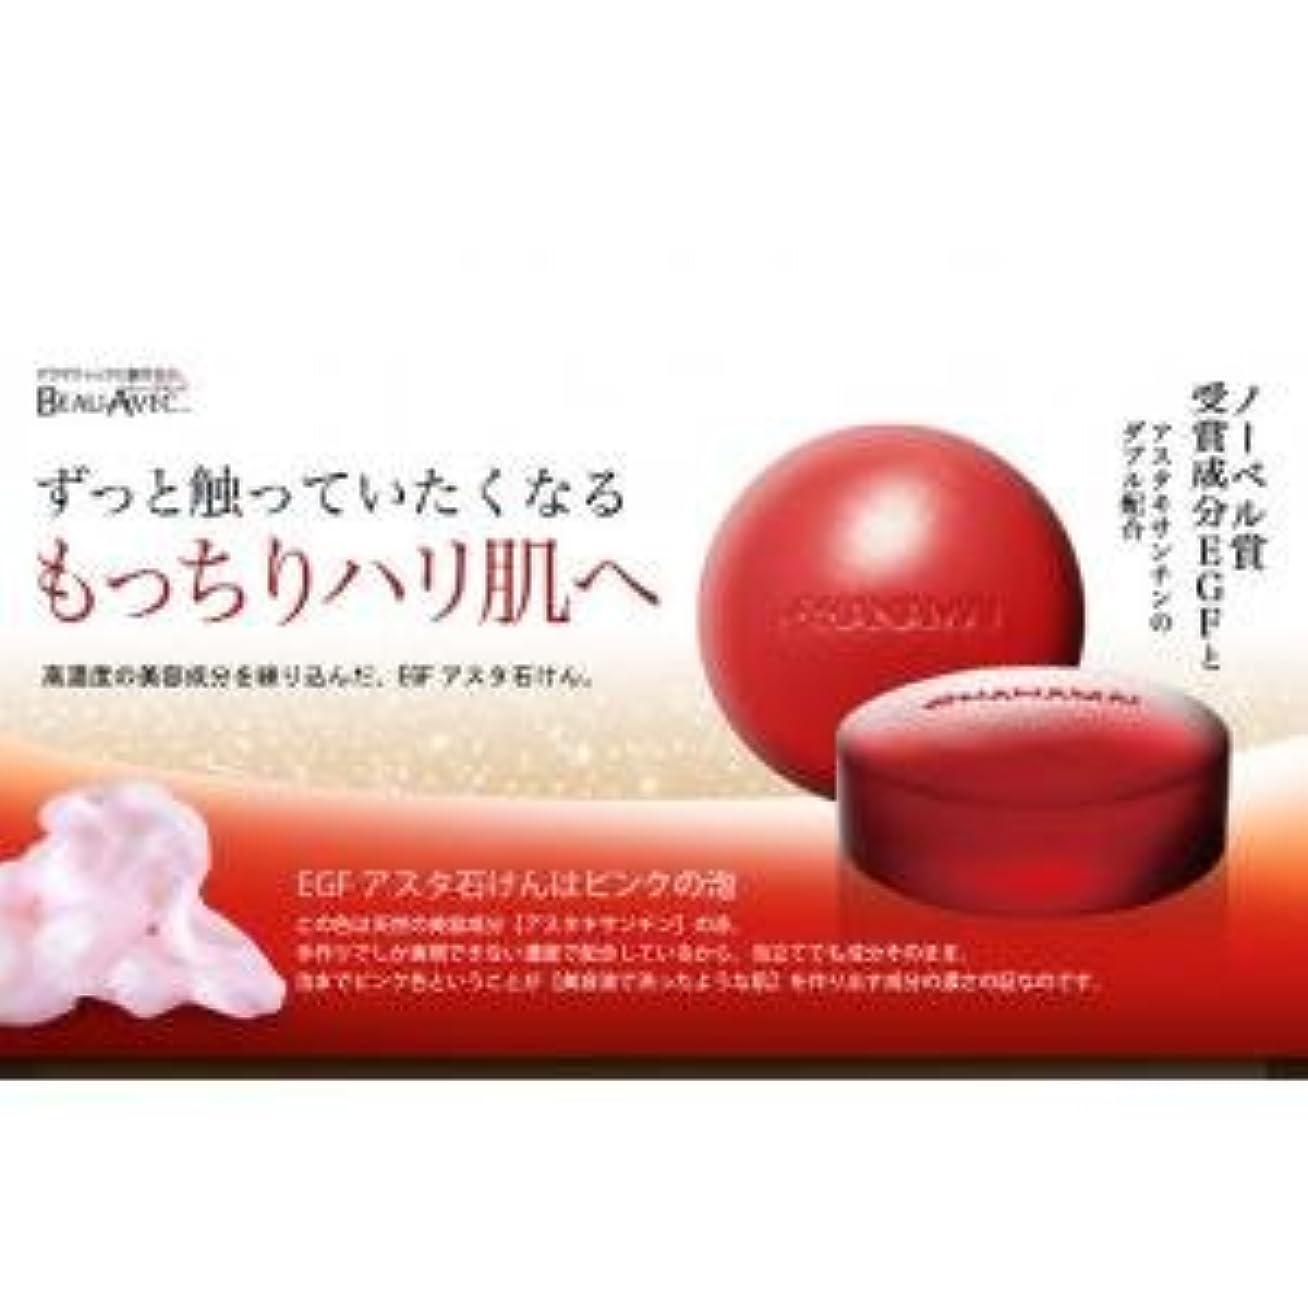 同性愛者ケーブルカー招待美容成分の洗顔石鹸 AFC(エーエフシー) HMB18 EGF アスタ石けん